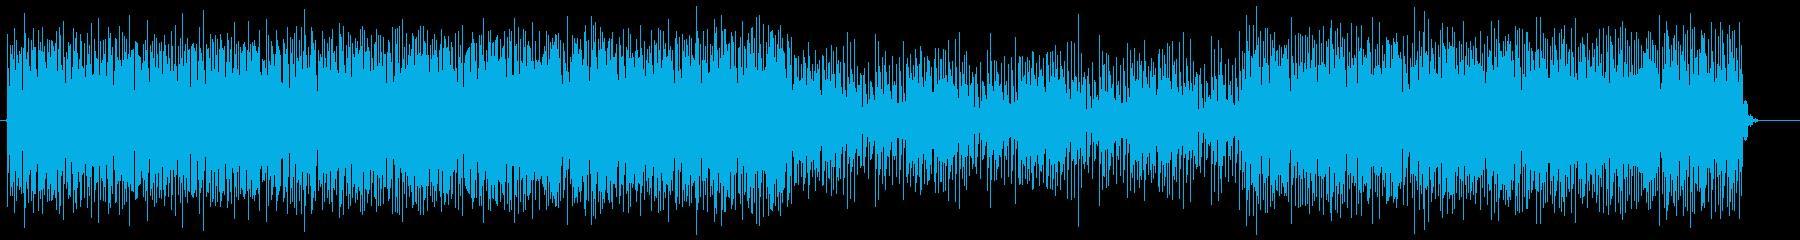 神秘的で近未来的テクノサウンドの再生済みの波形